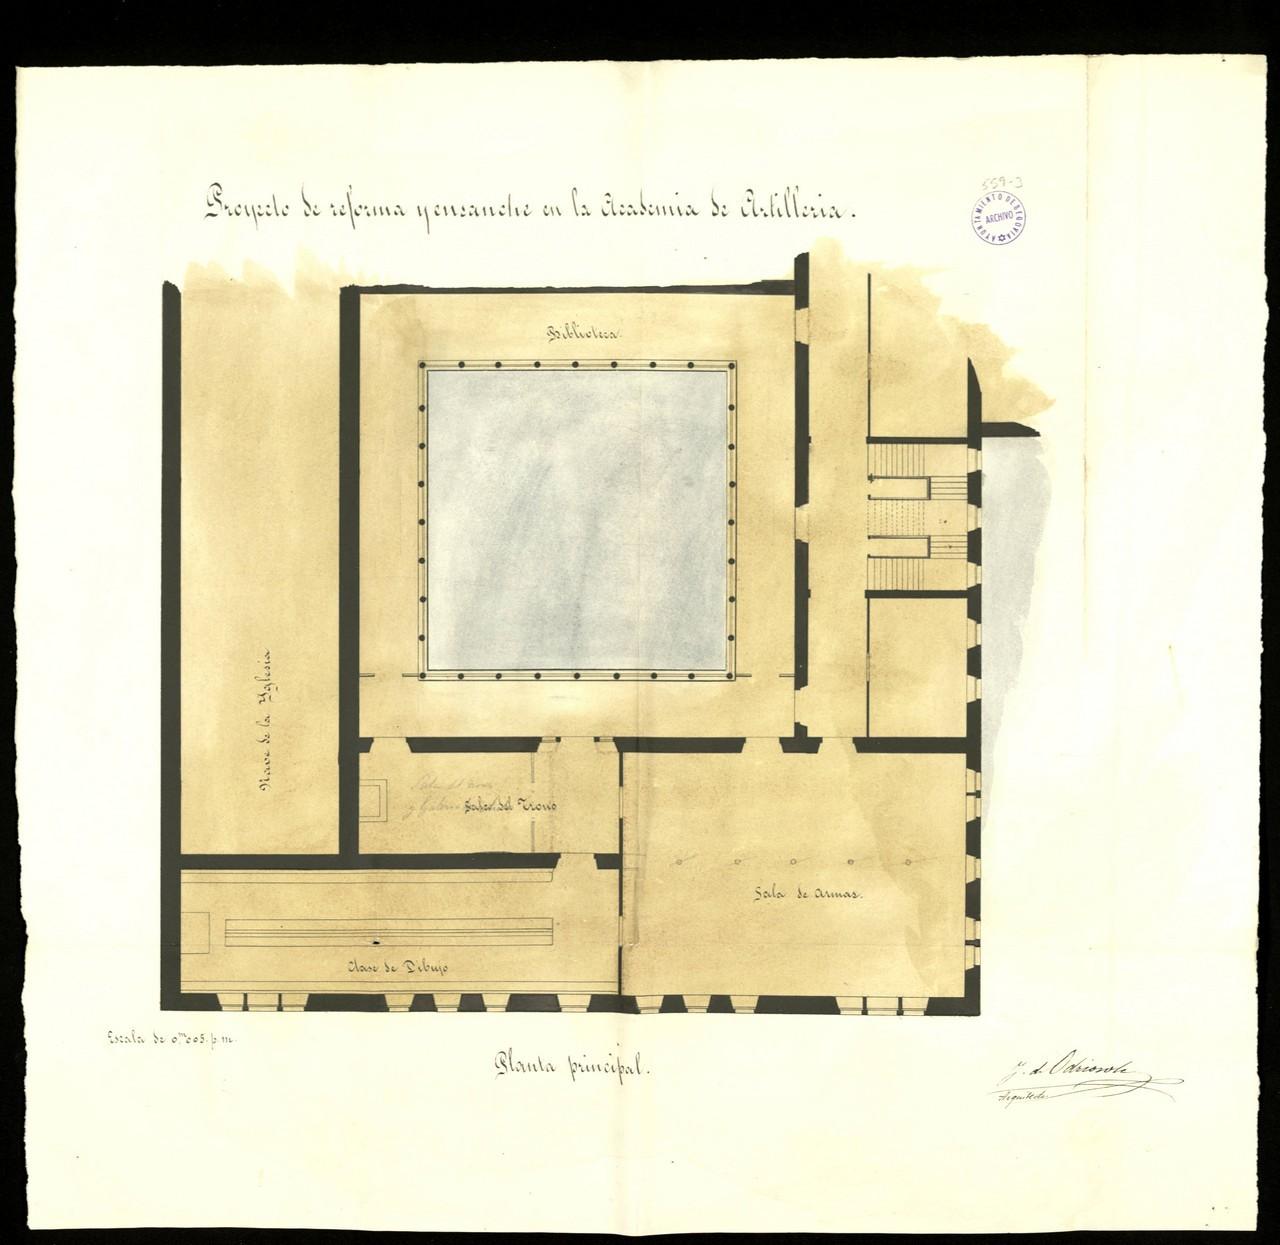 Proyecto de reforma y ensanche en la Academia de Artillería, planta principal, 1880. 23.- Archivo Municipal de Segovia. Signatura 559-3.